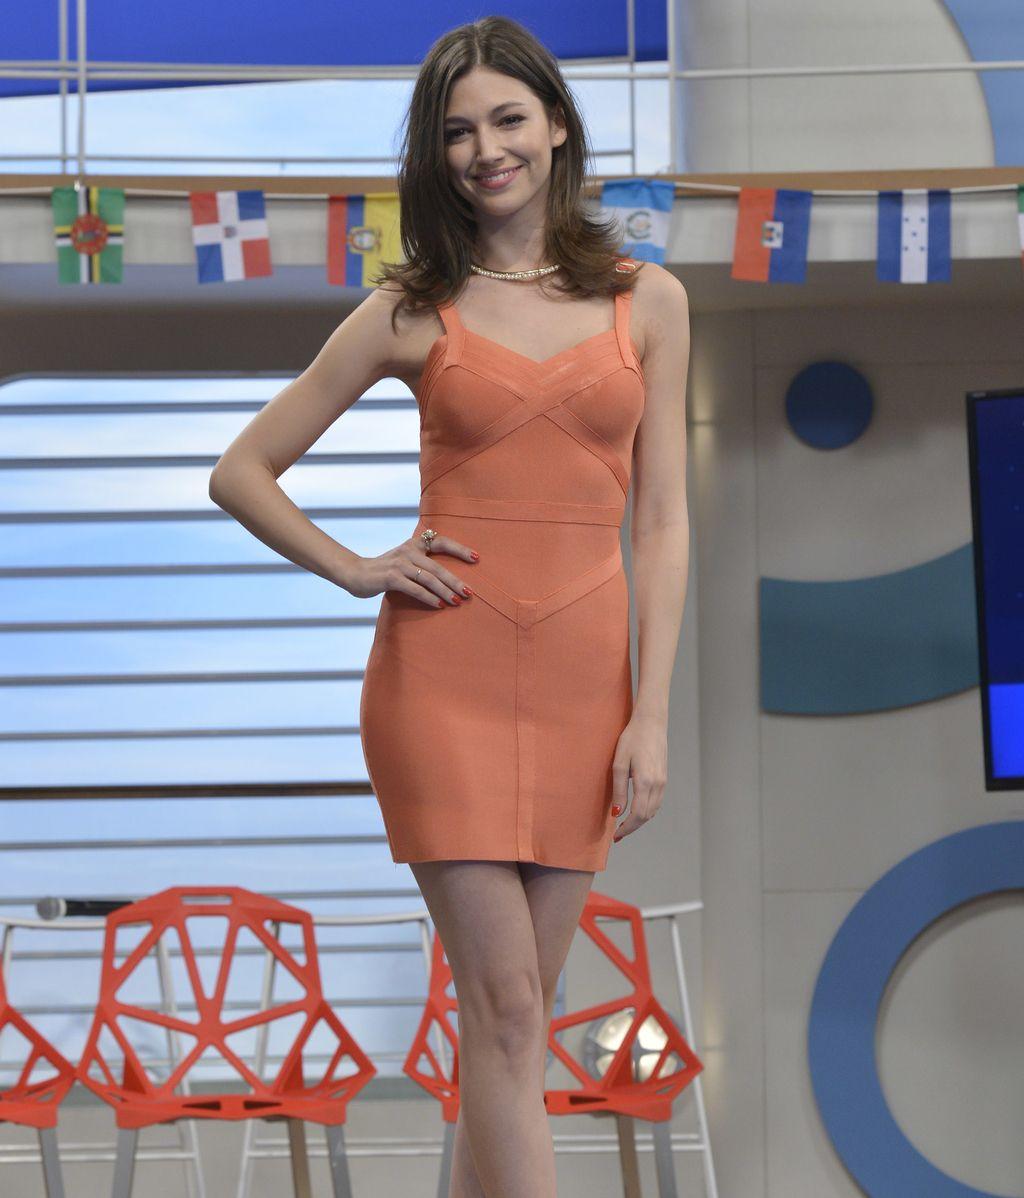 Úrsula Corberó es Natalia, expasajera de clase alta